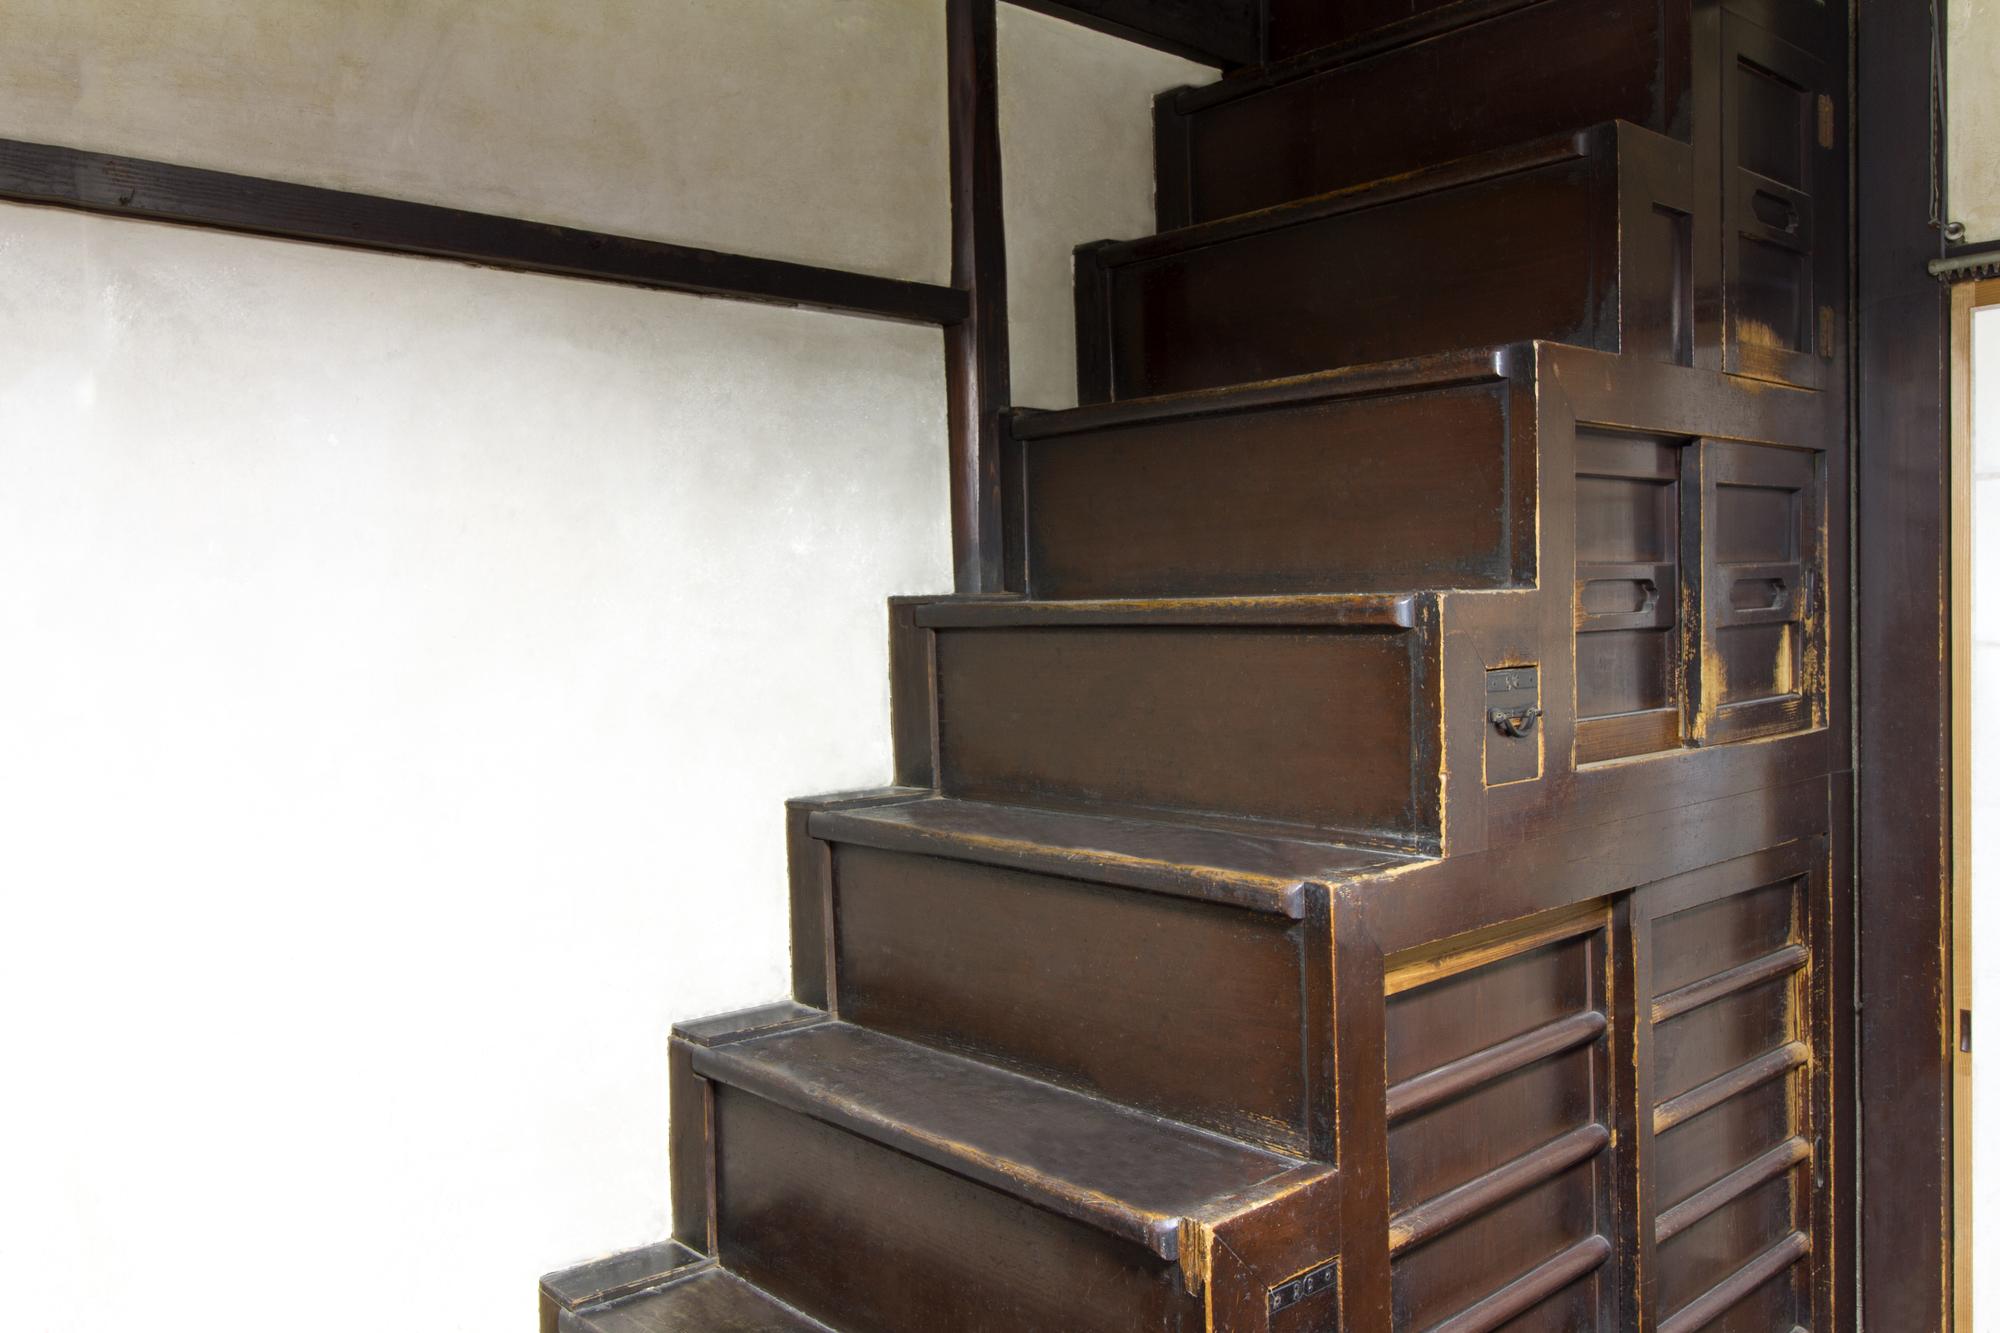 練馬区の階段箱収納